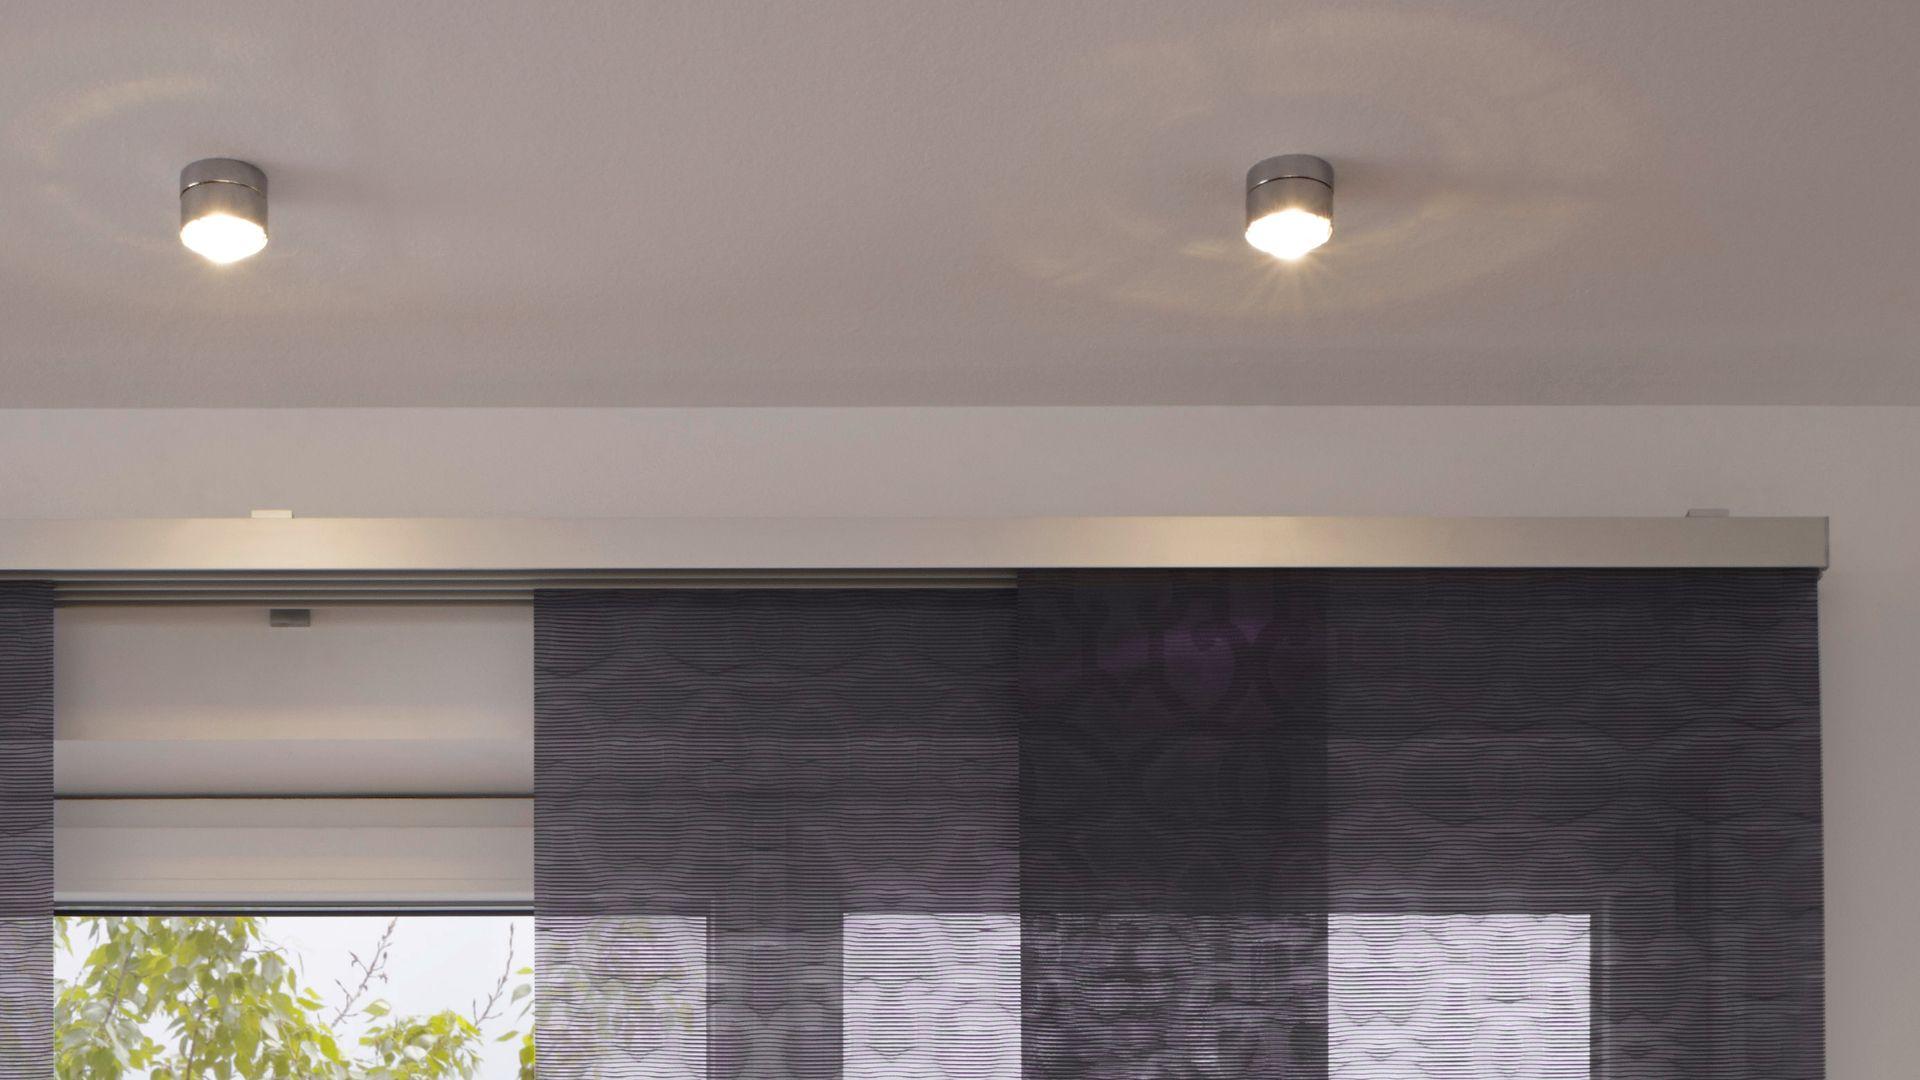 fl chenvorh nge f r den innenliegenden sonnenschutz ais. Black Bedroom Furniture Sets. Home Design Ideas